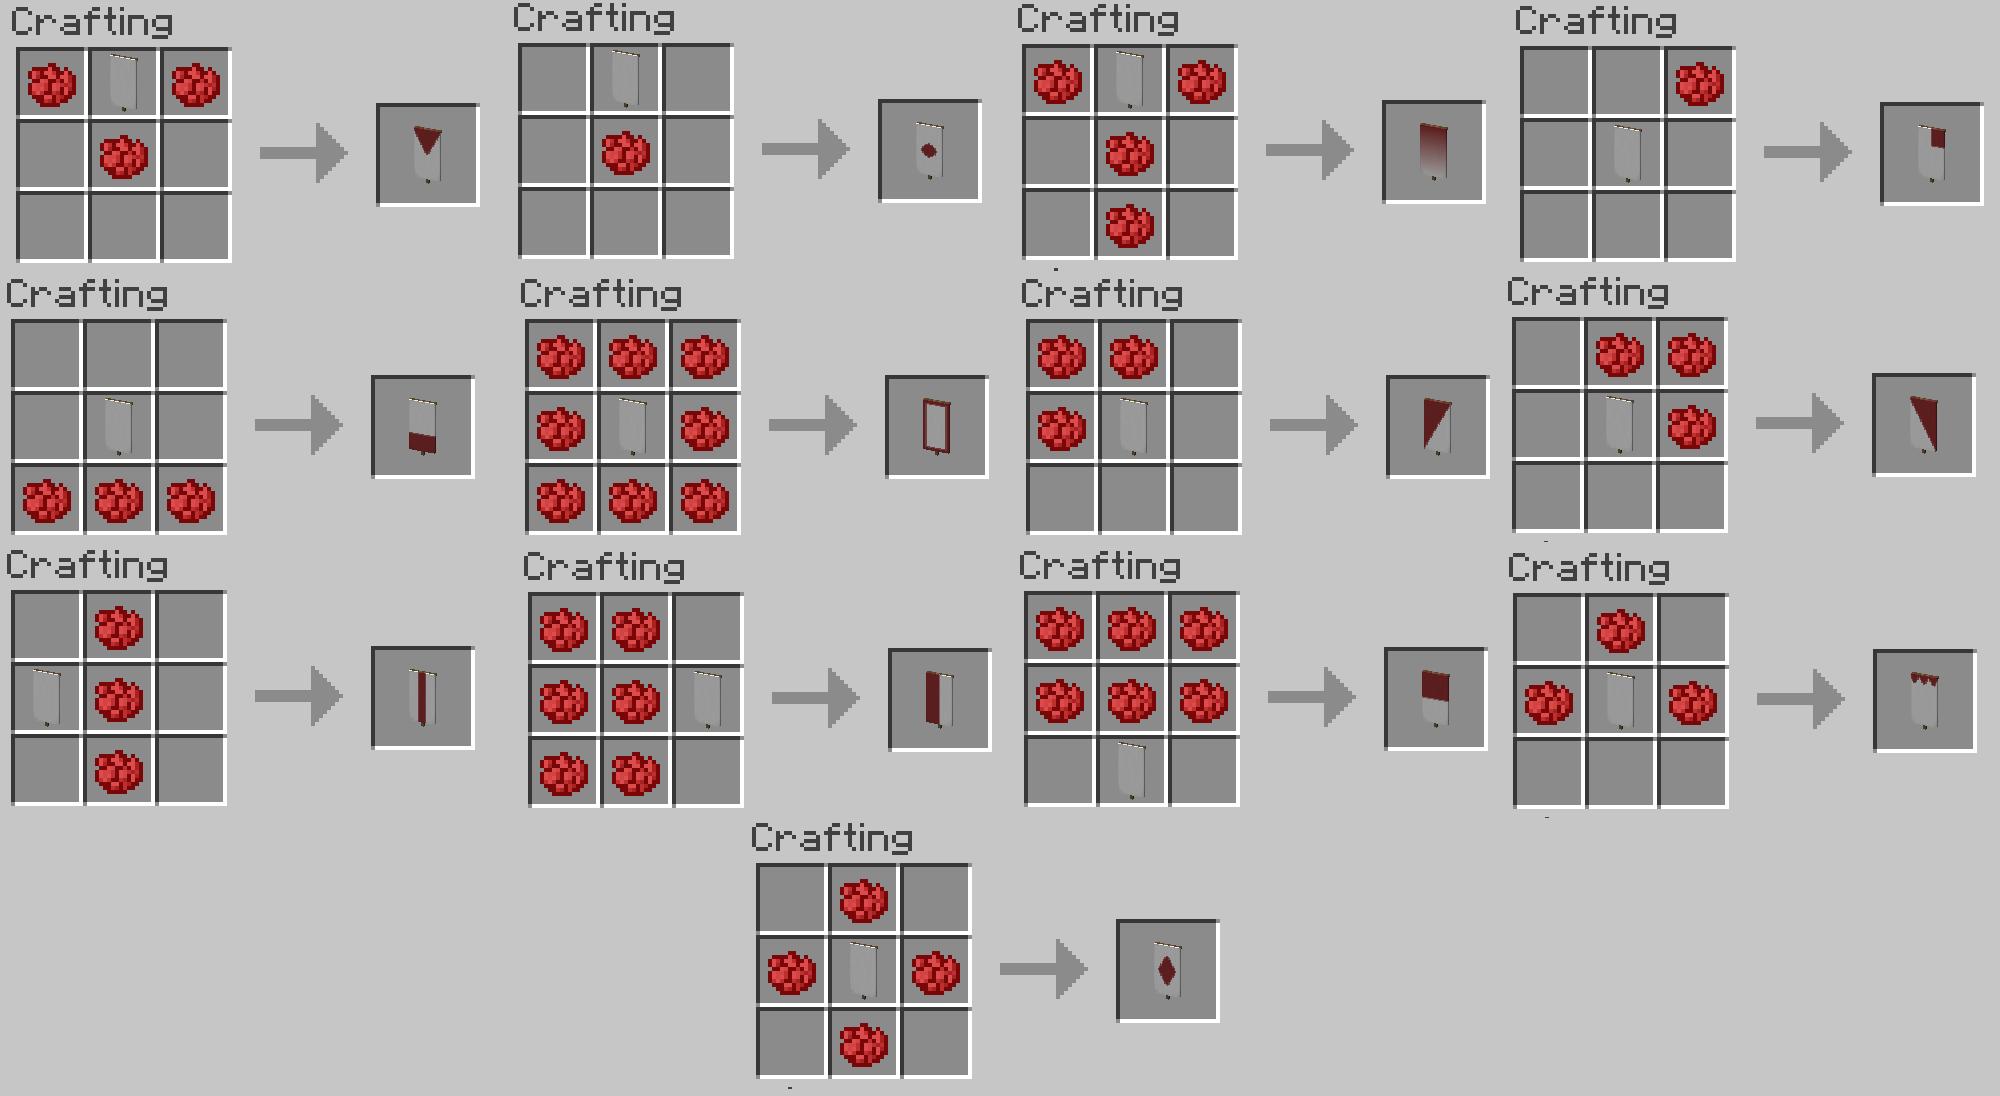 Contoh Soal Dan Materi Pelajaran 2 Banner Recipes Minecraft